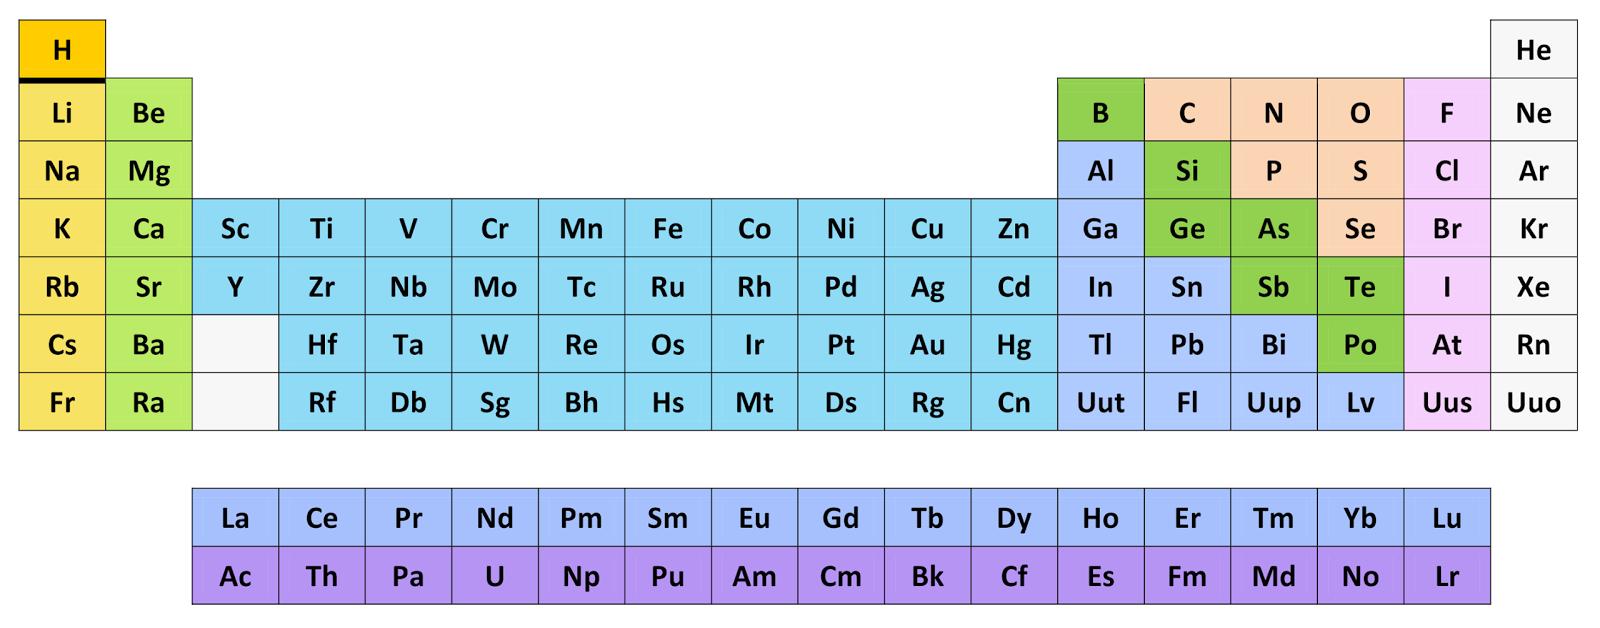 cursos de computacin 2014 2015 tabla peridica de los elementos aplicar a las filas 1 cm - Tabla Periodica Completa En Word